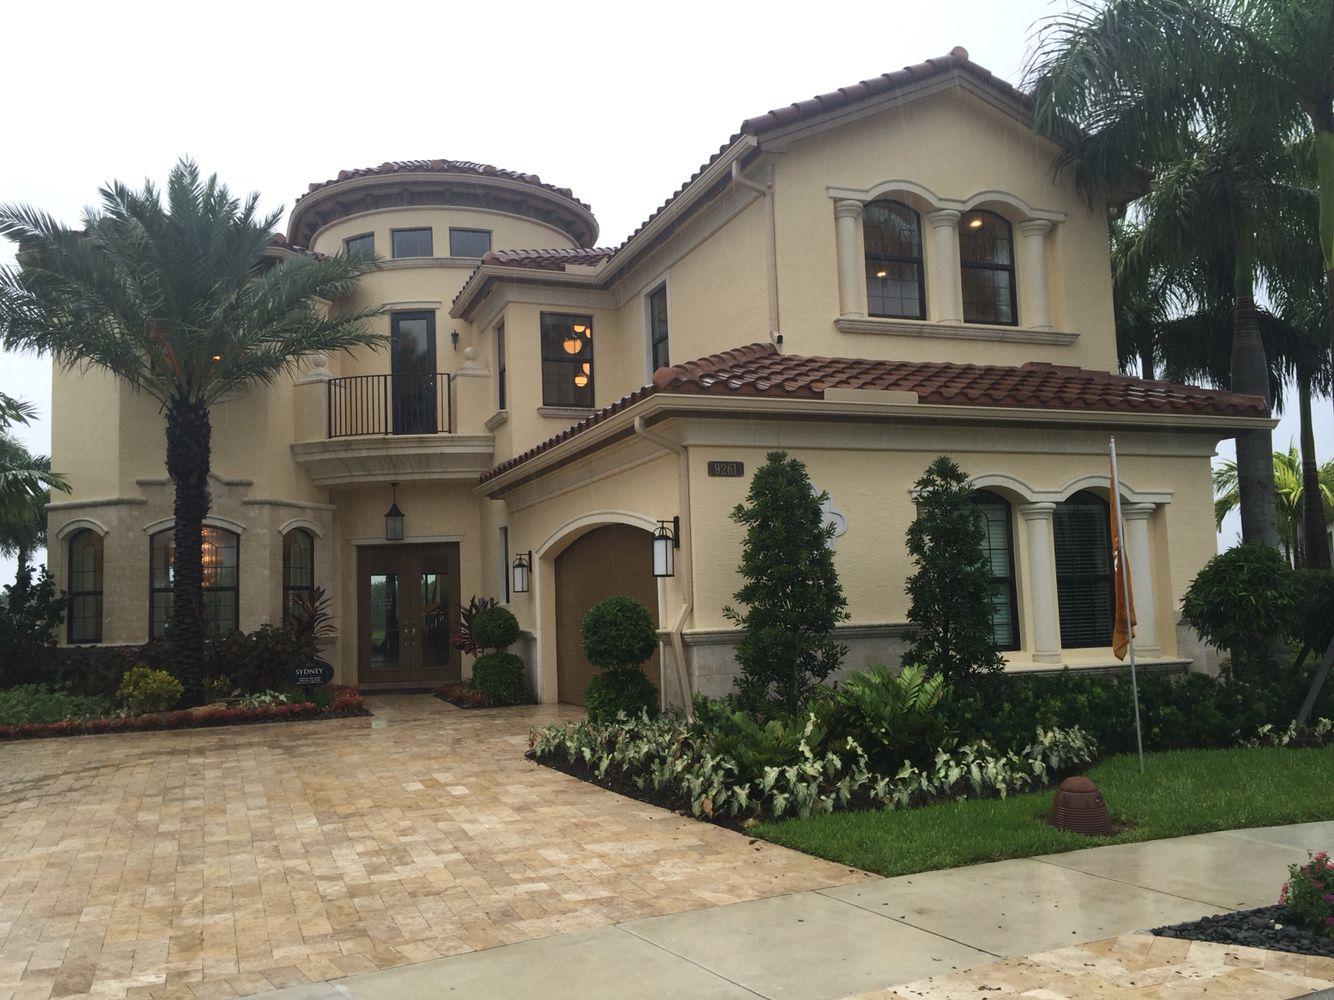 Delray Beach luxury real estate #delraybeachluxuryrealeatate #delraybeach #southfloridahome